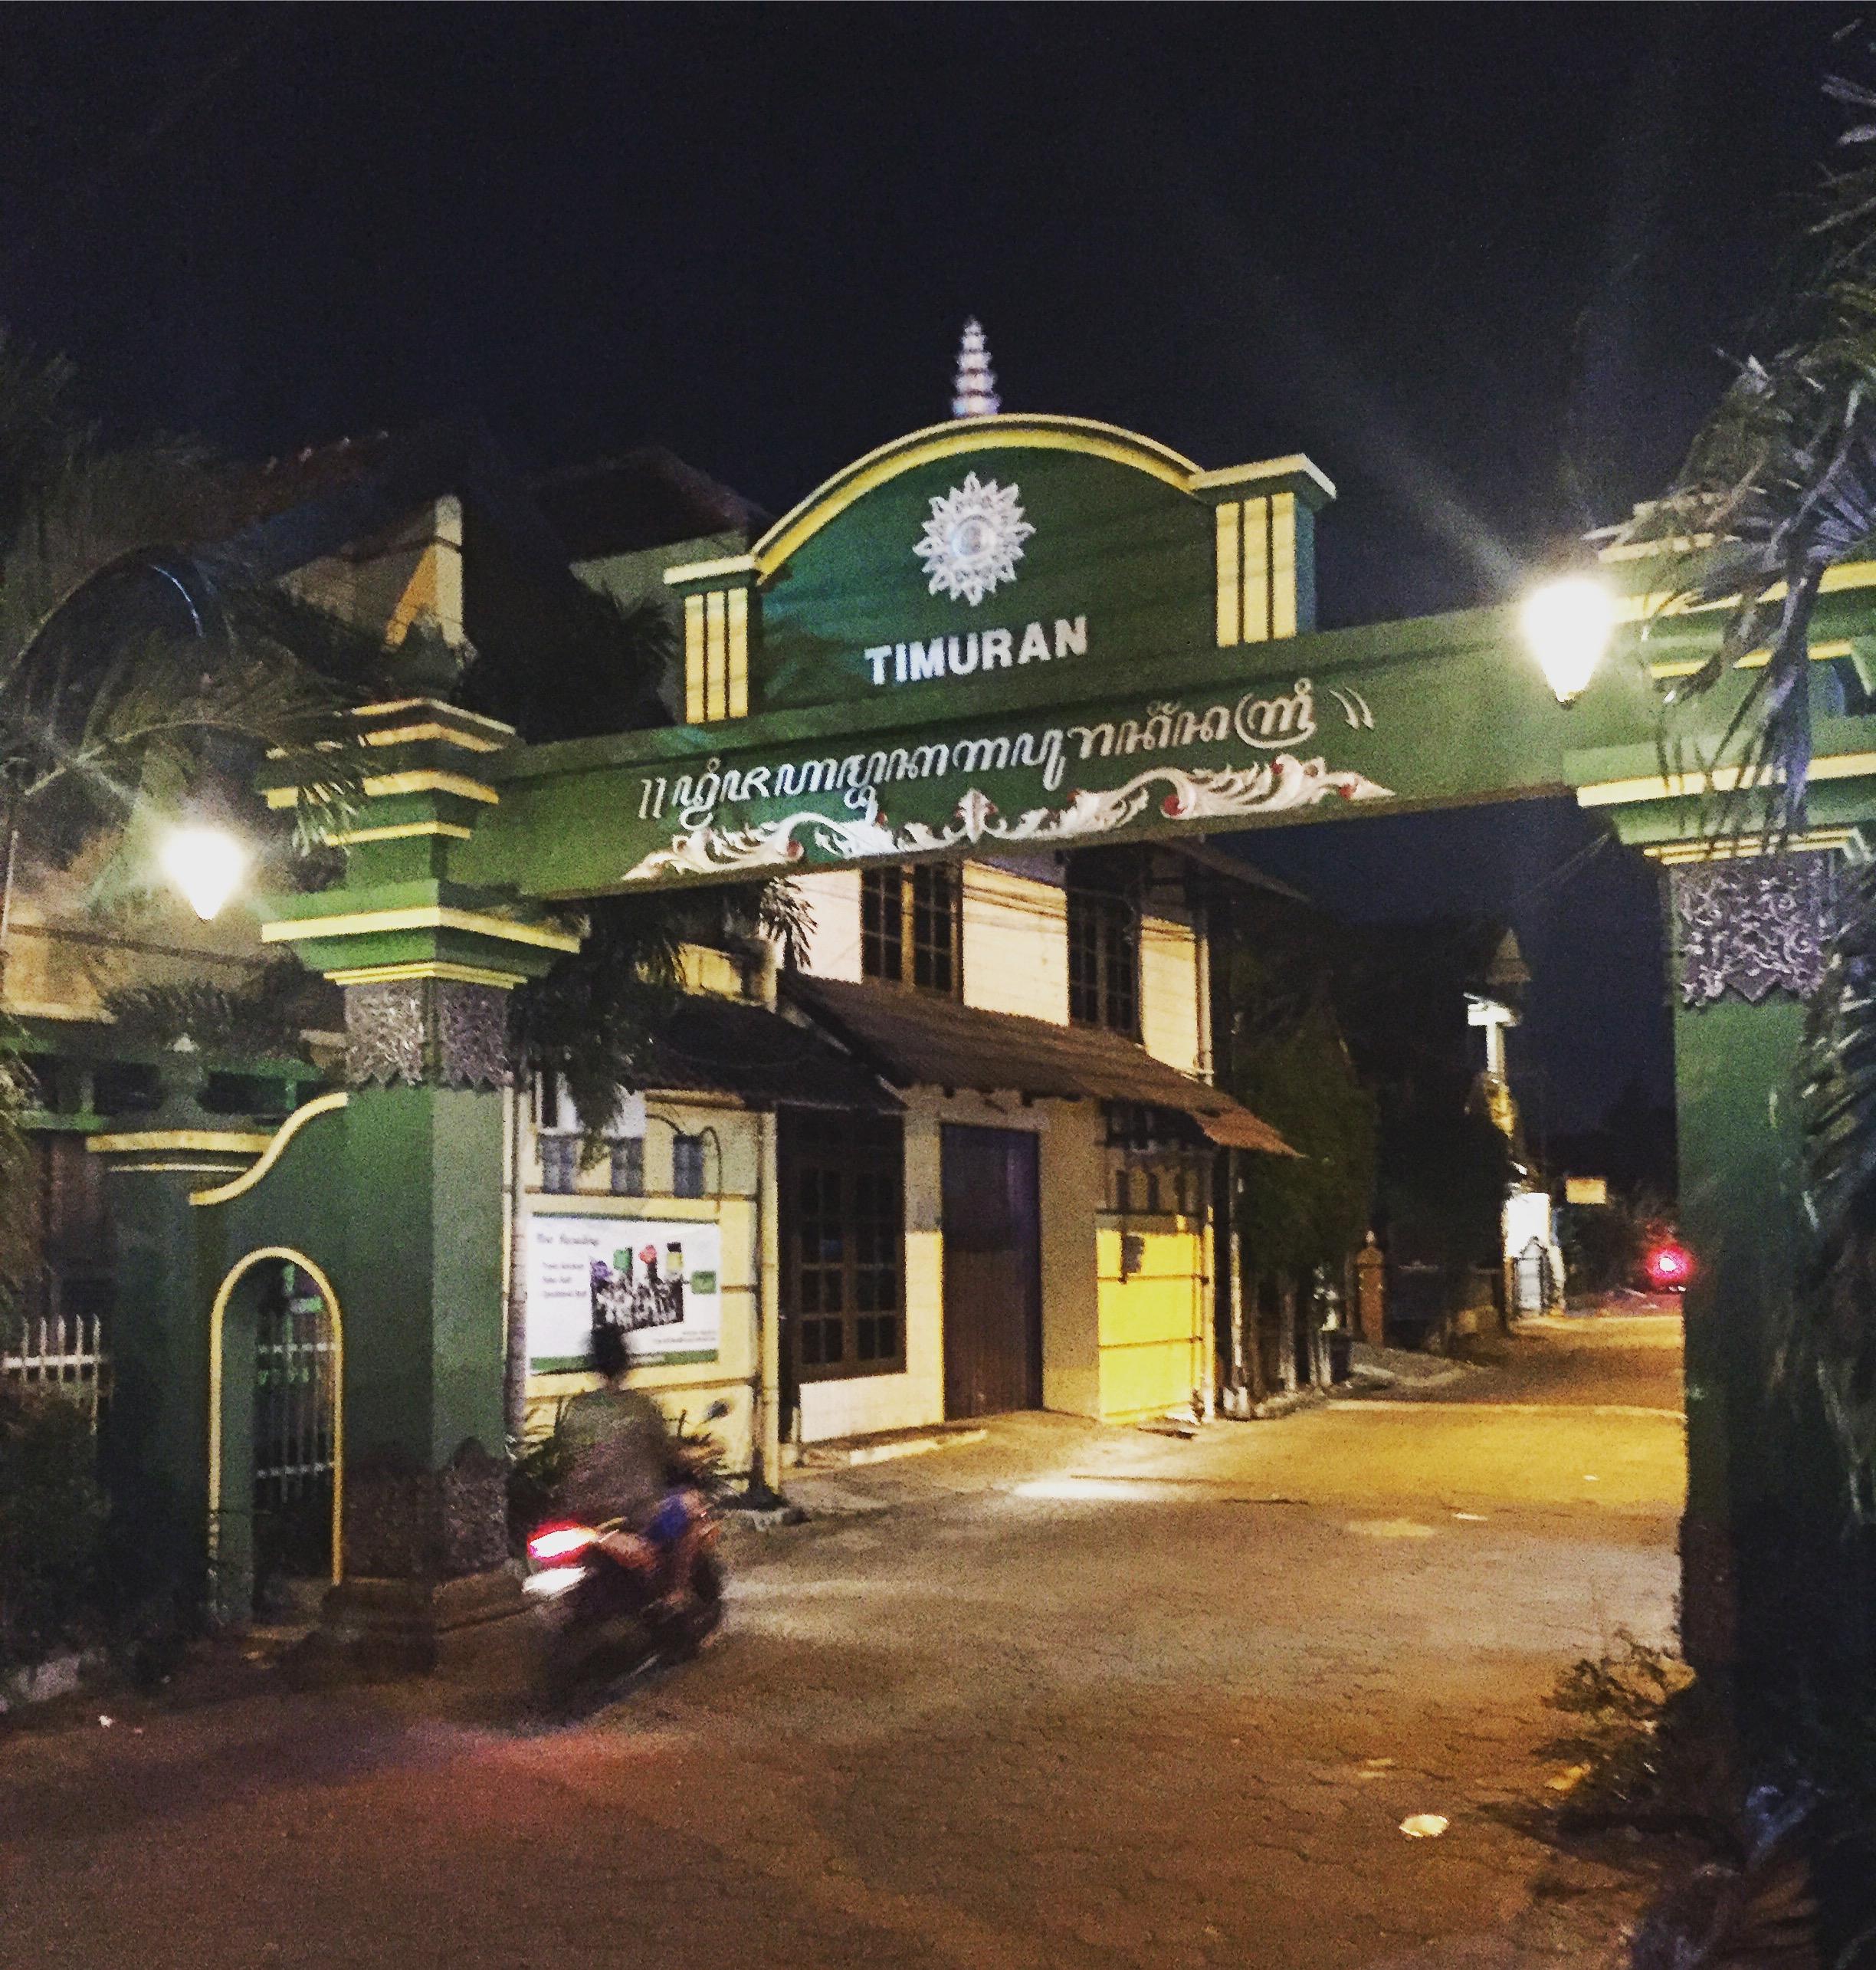 Entrance to a Kampung